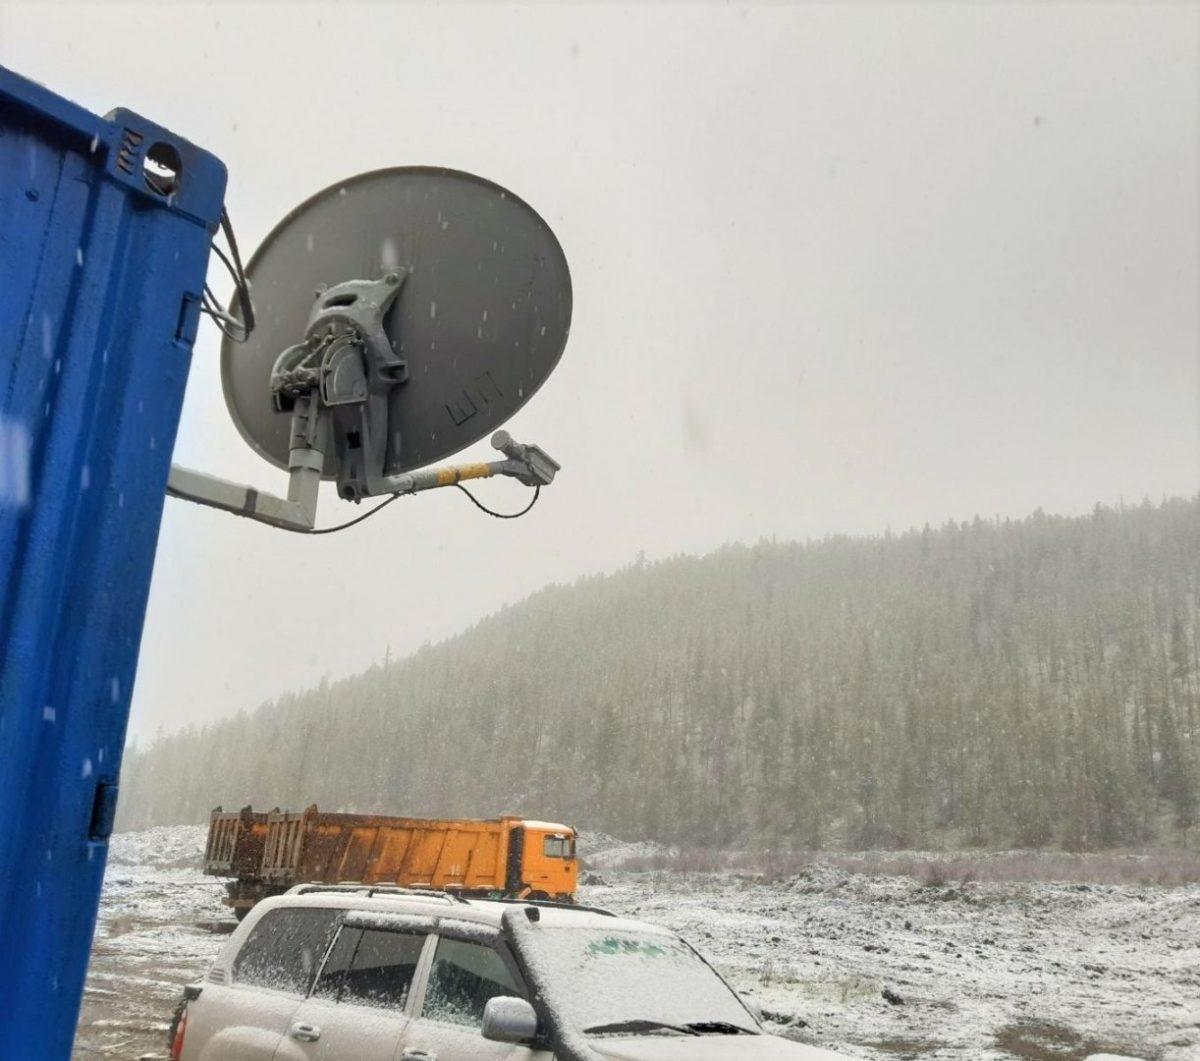 Спутниковая экспансия: РТКОММ расширяет географию предоставления услуг в Сибири